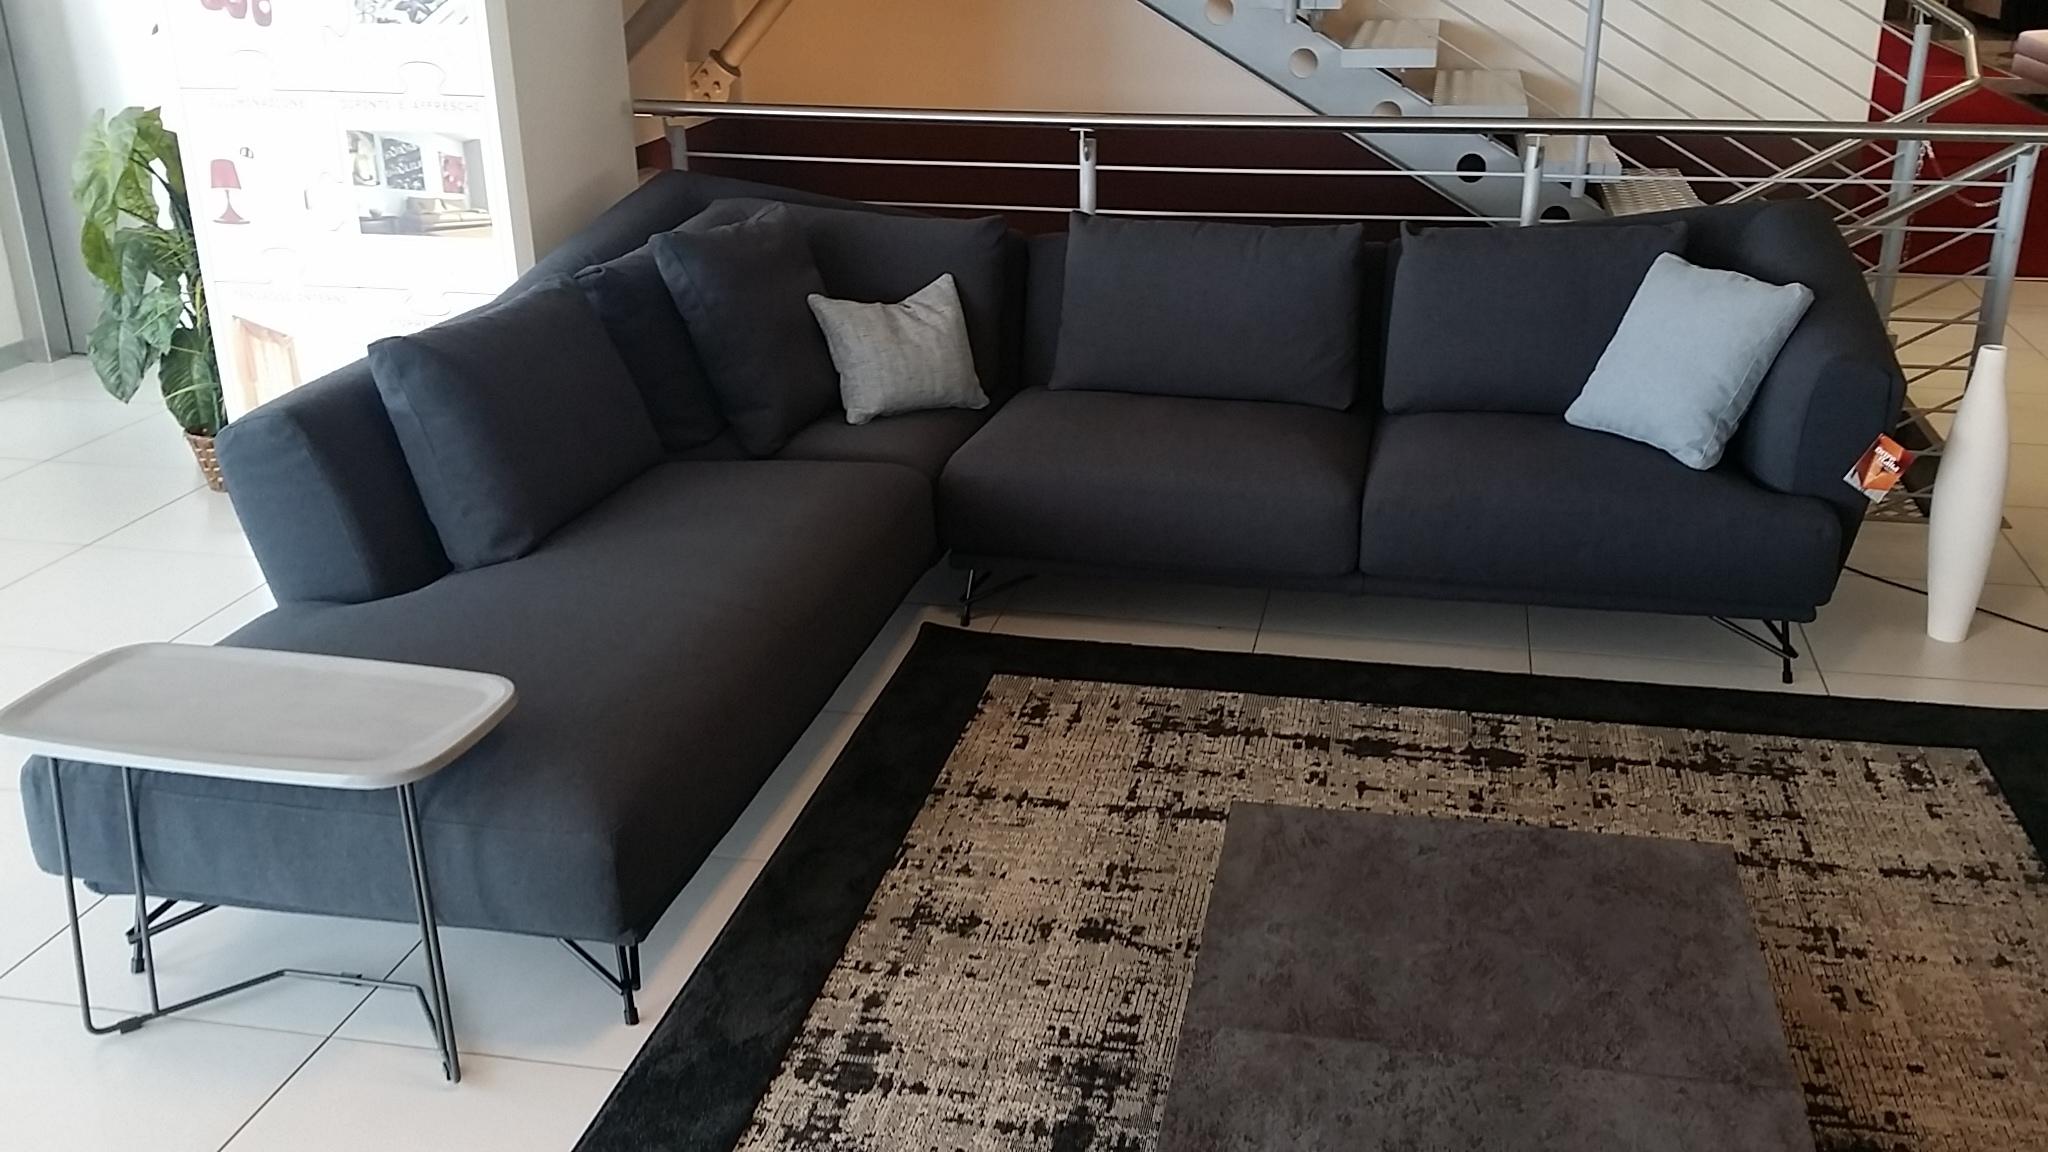 autlet divani - 28 images - divano outlet calia divani a prezzi ...